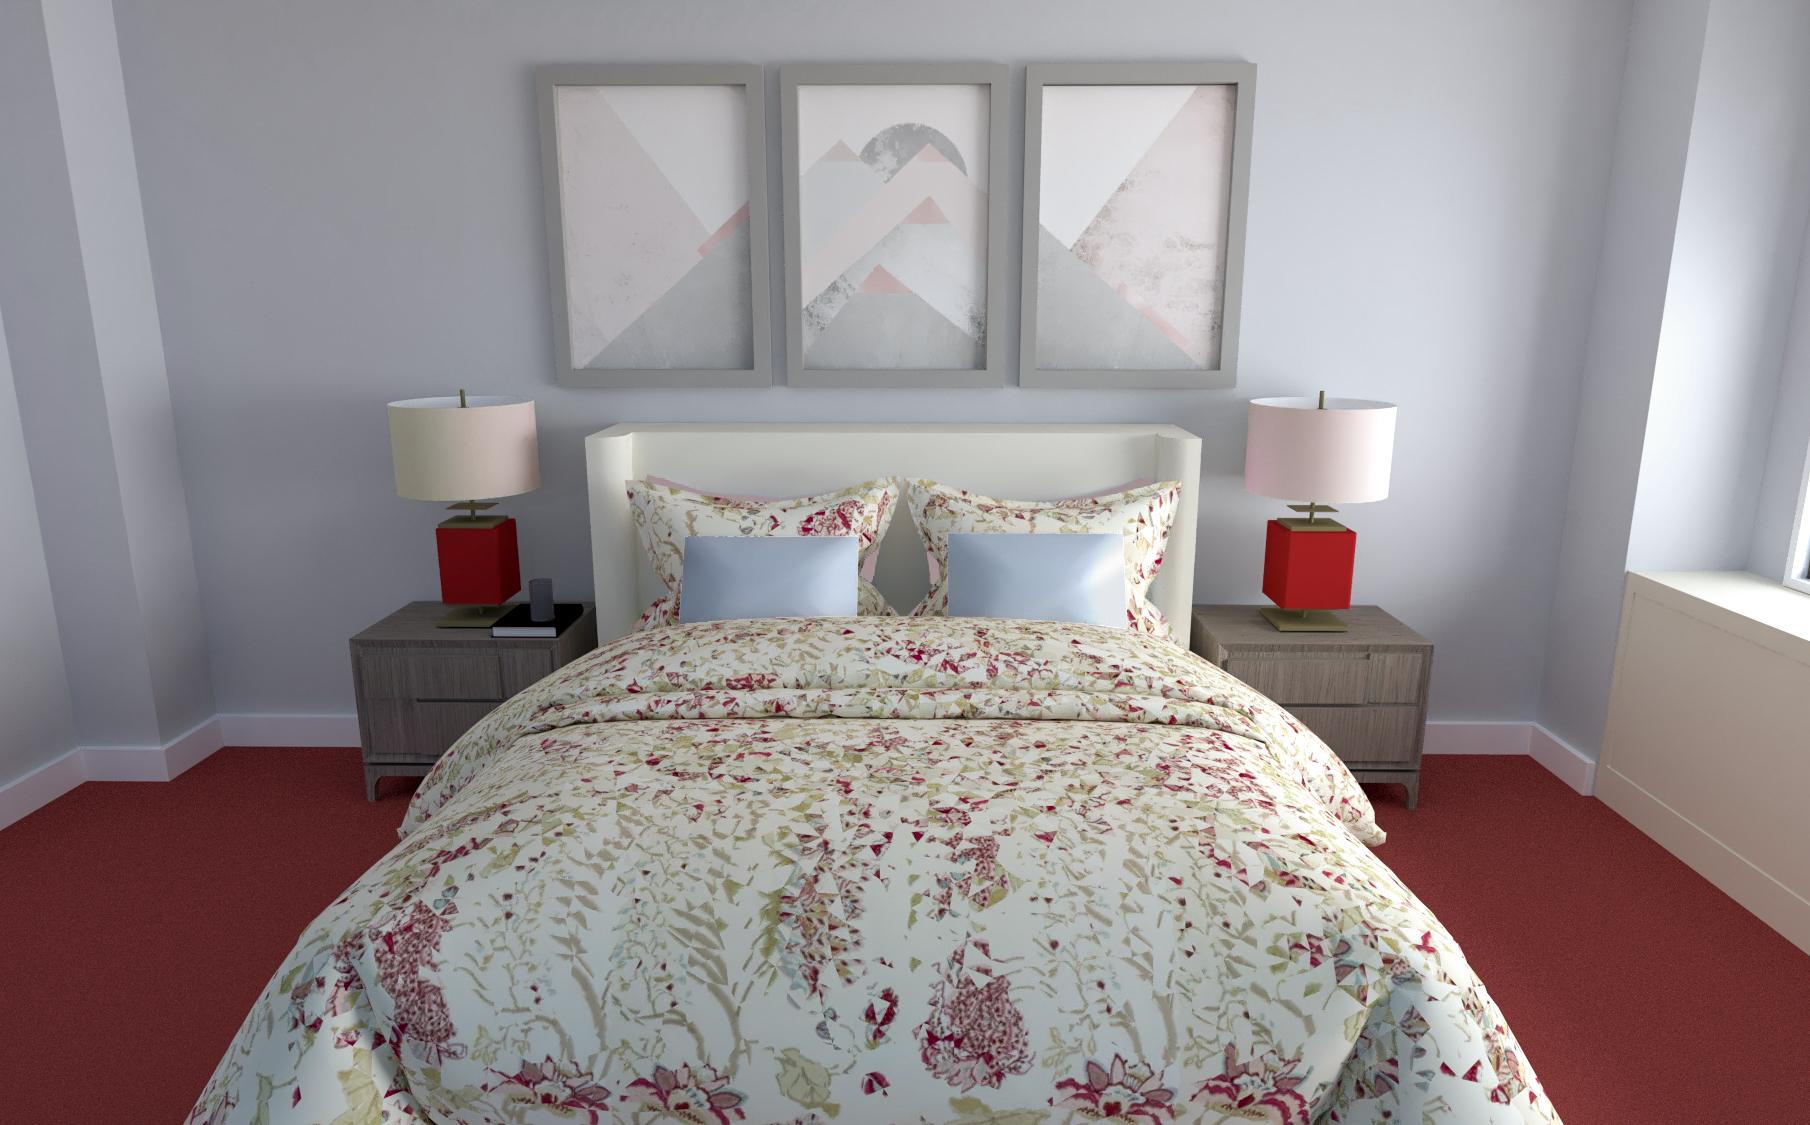 Greenbaum Bedroom Headbaord Elevation Rendering 3.jpg